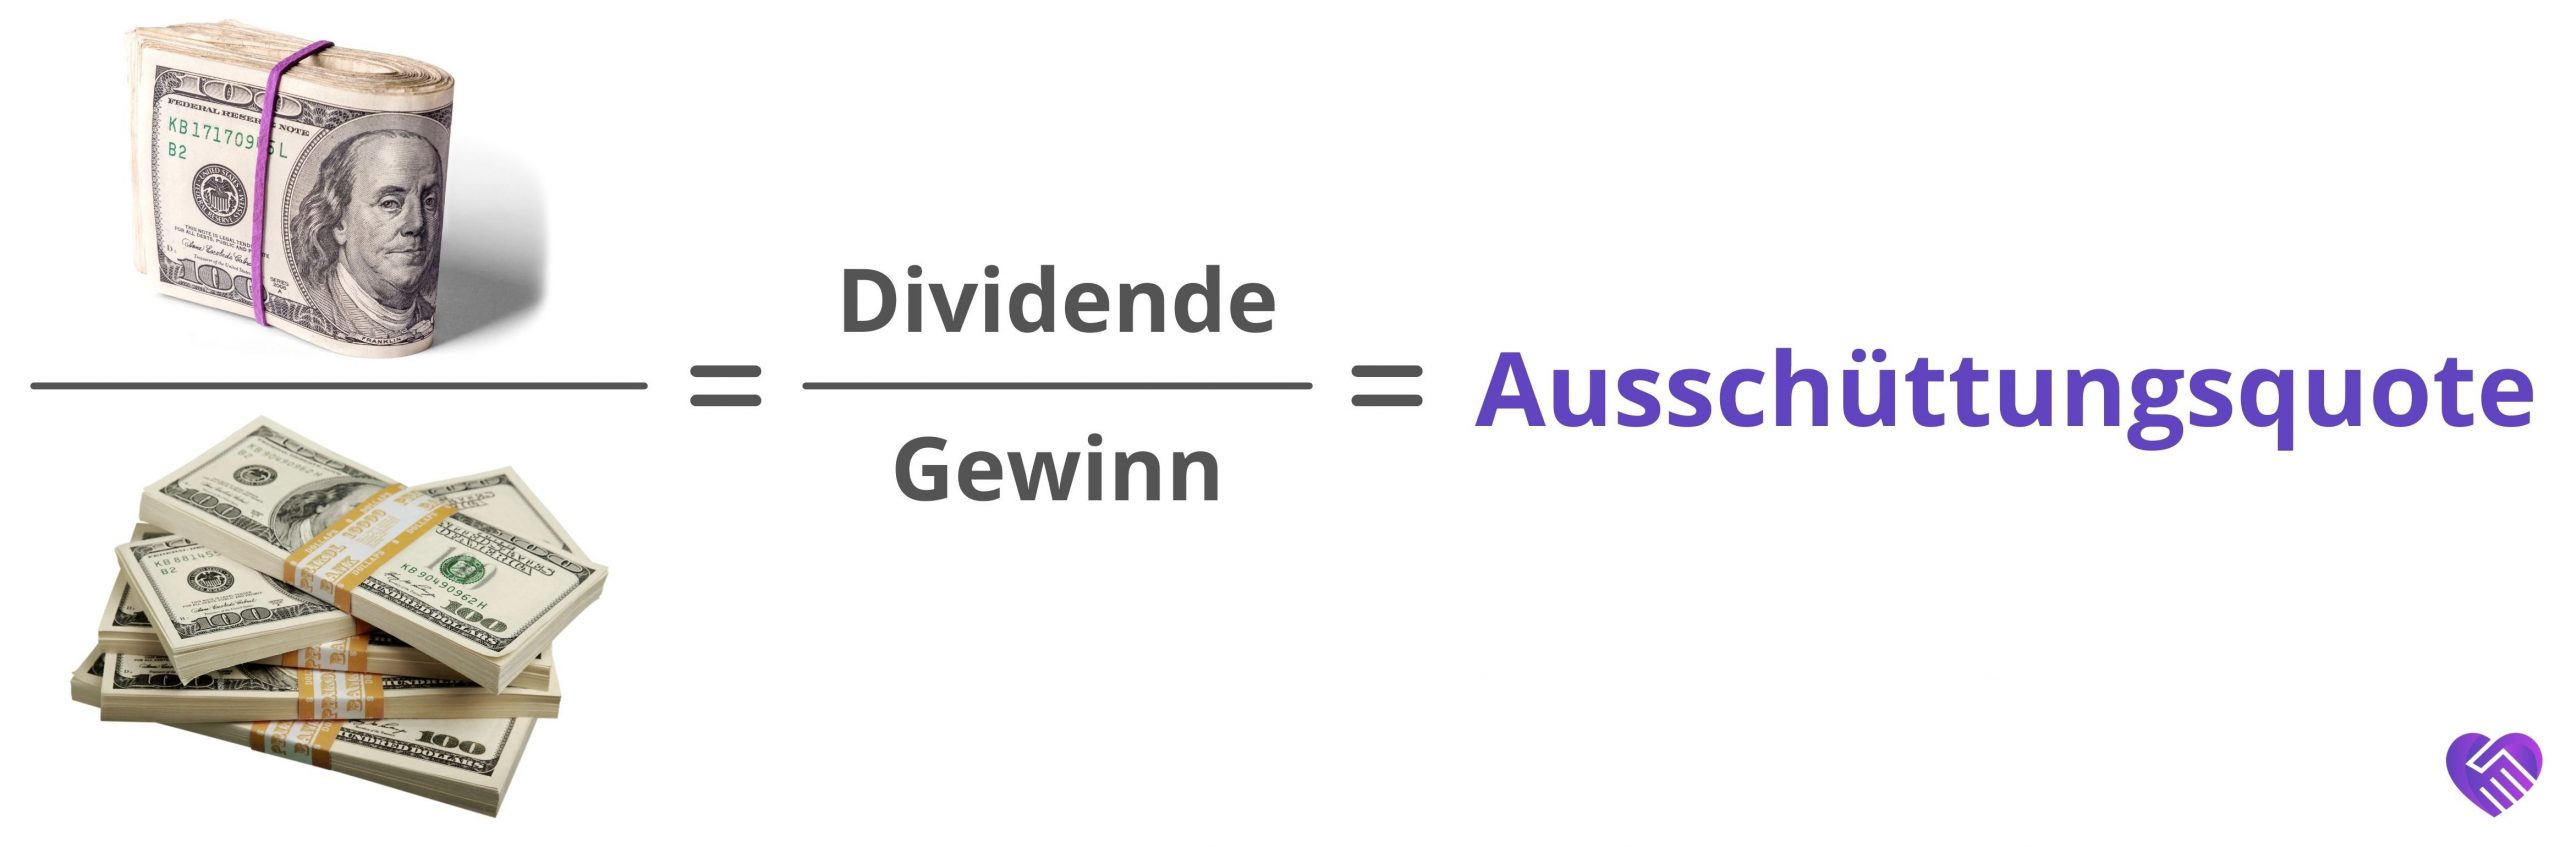 Wir Lieben Aktien Lexikon Ausschüttungsquote Formel